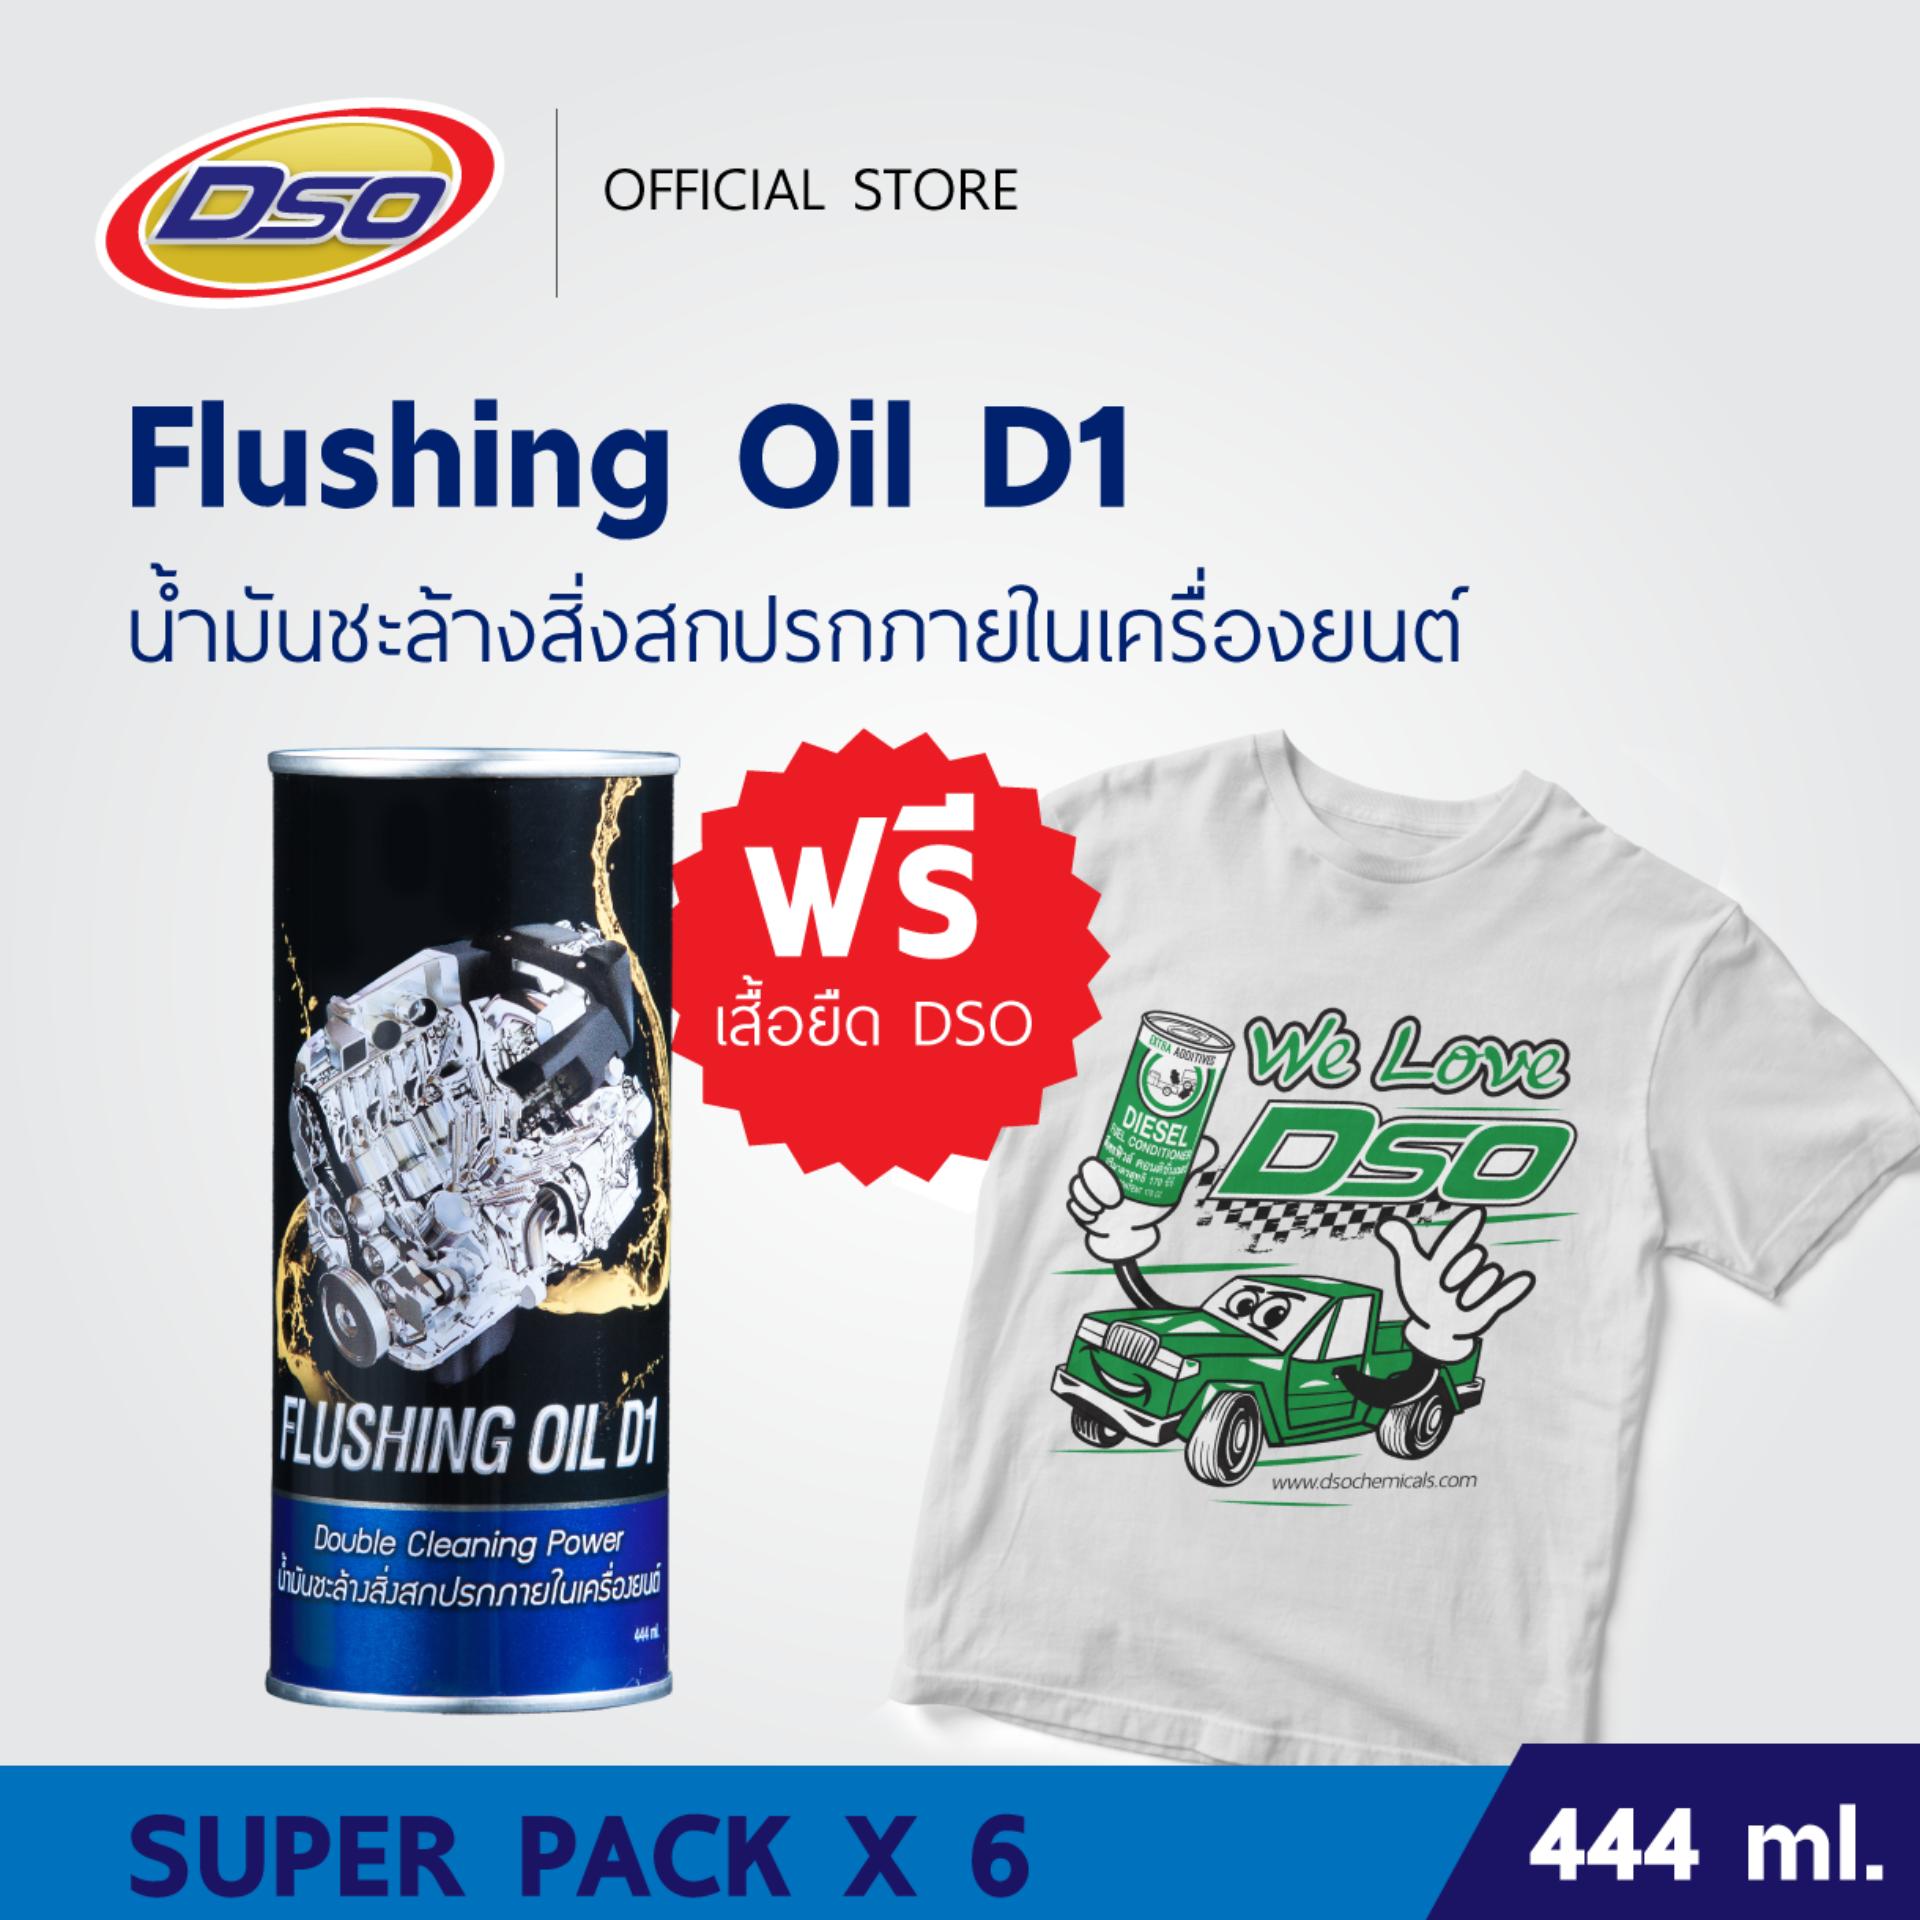 ฟลัชชิ่ง ออยล์ ดี1 น้ำมันชะล้างสิ่งสกปรกภายในเครื่องยนต์  (แพ็ค X6 กระป๋อง) ฟรีเสื้อยืดดีโซ่สุดเท่ห์ / Flushing Oil D1.